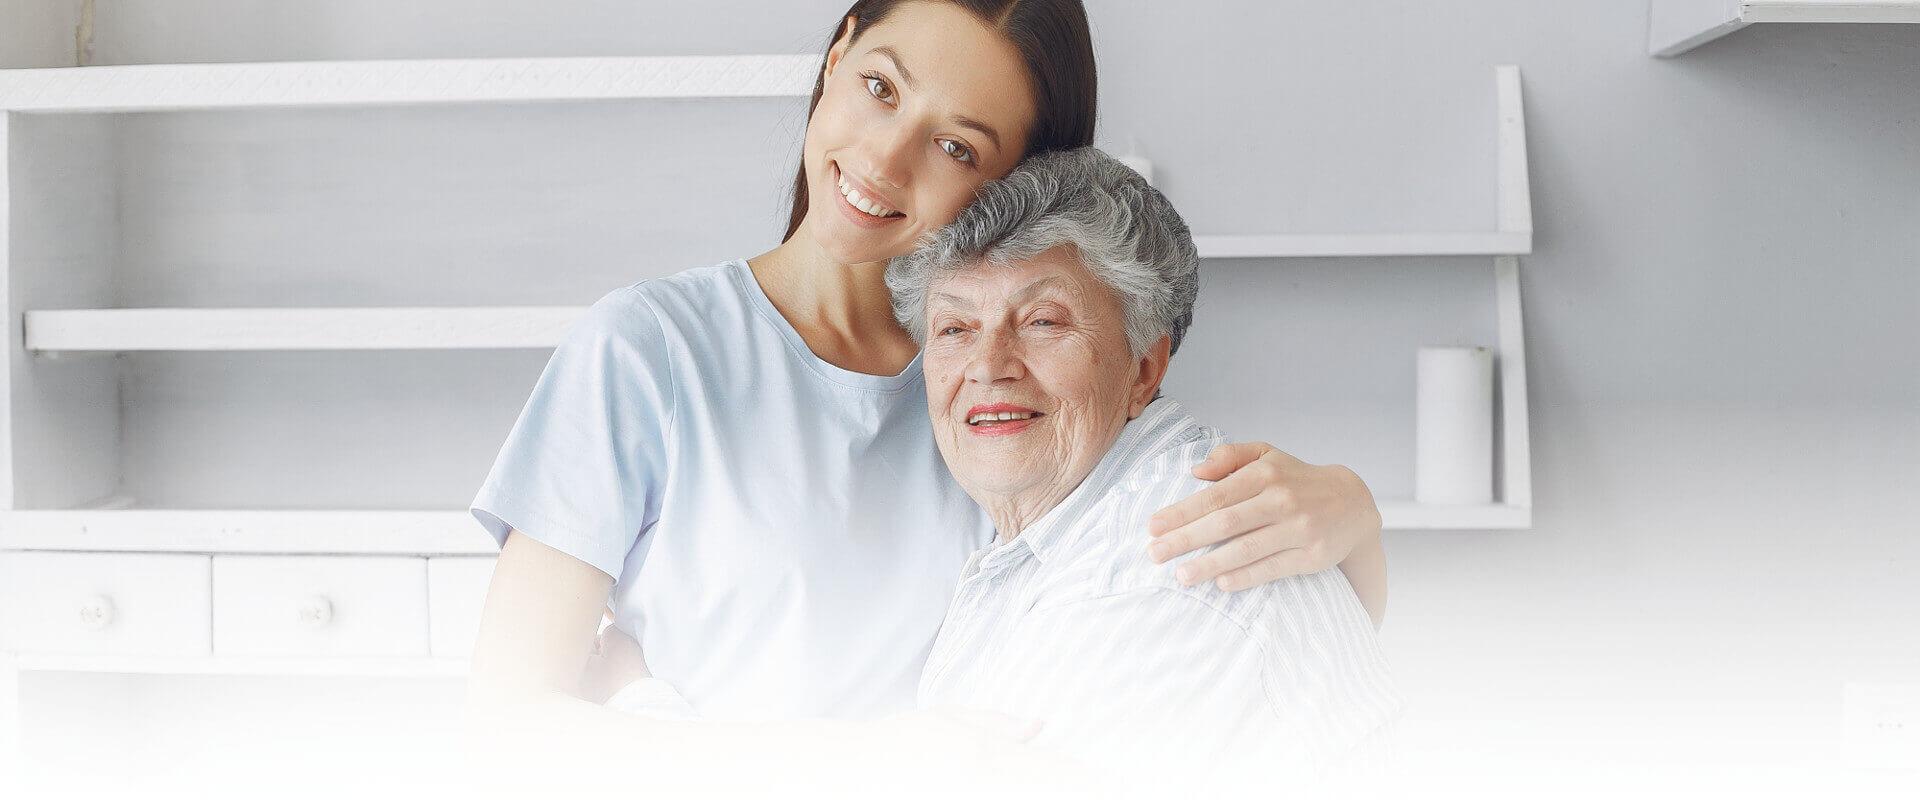 Asistente gerontológico y personas con capaciades diversas